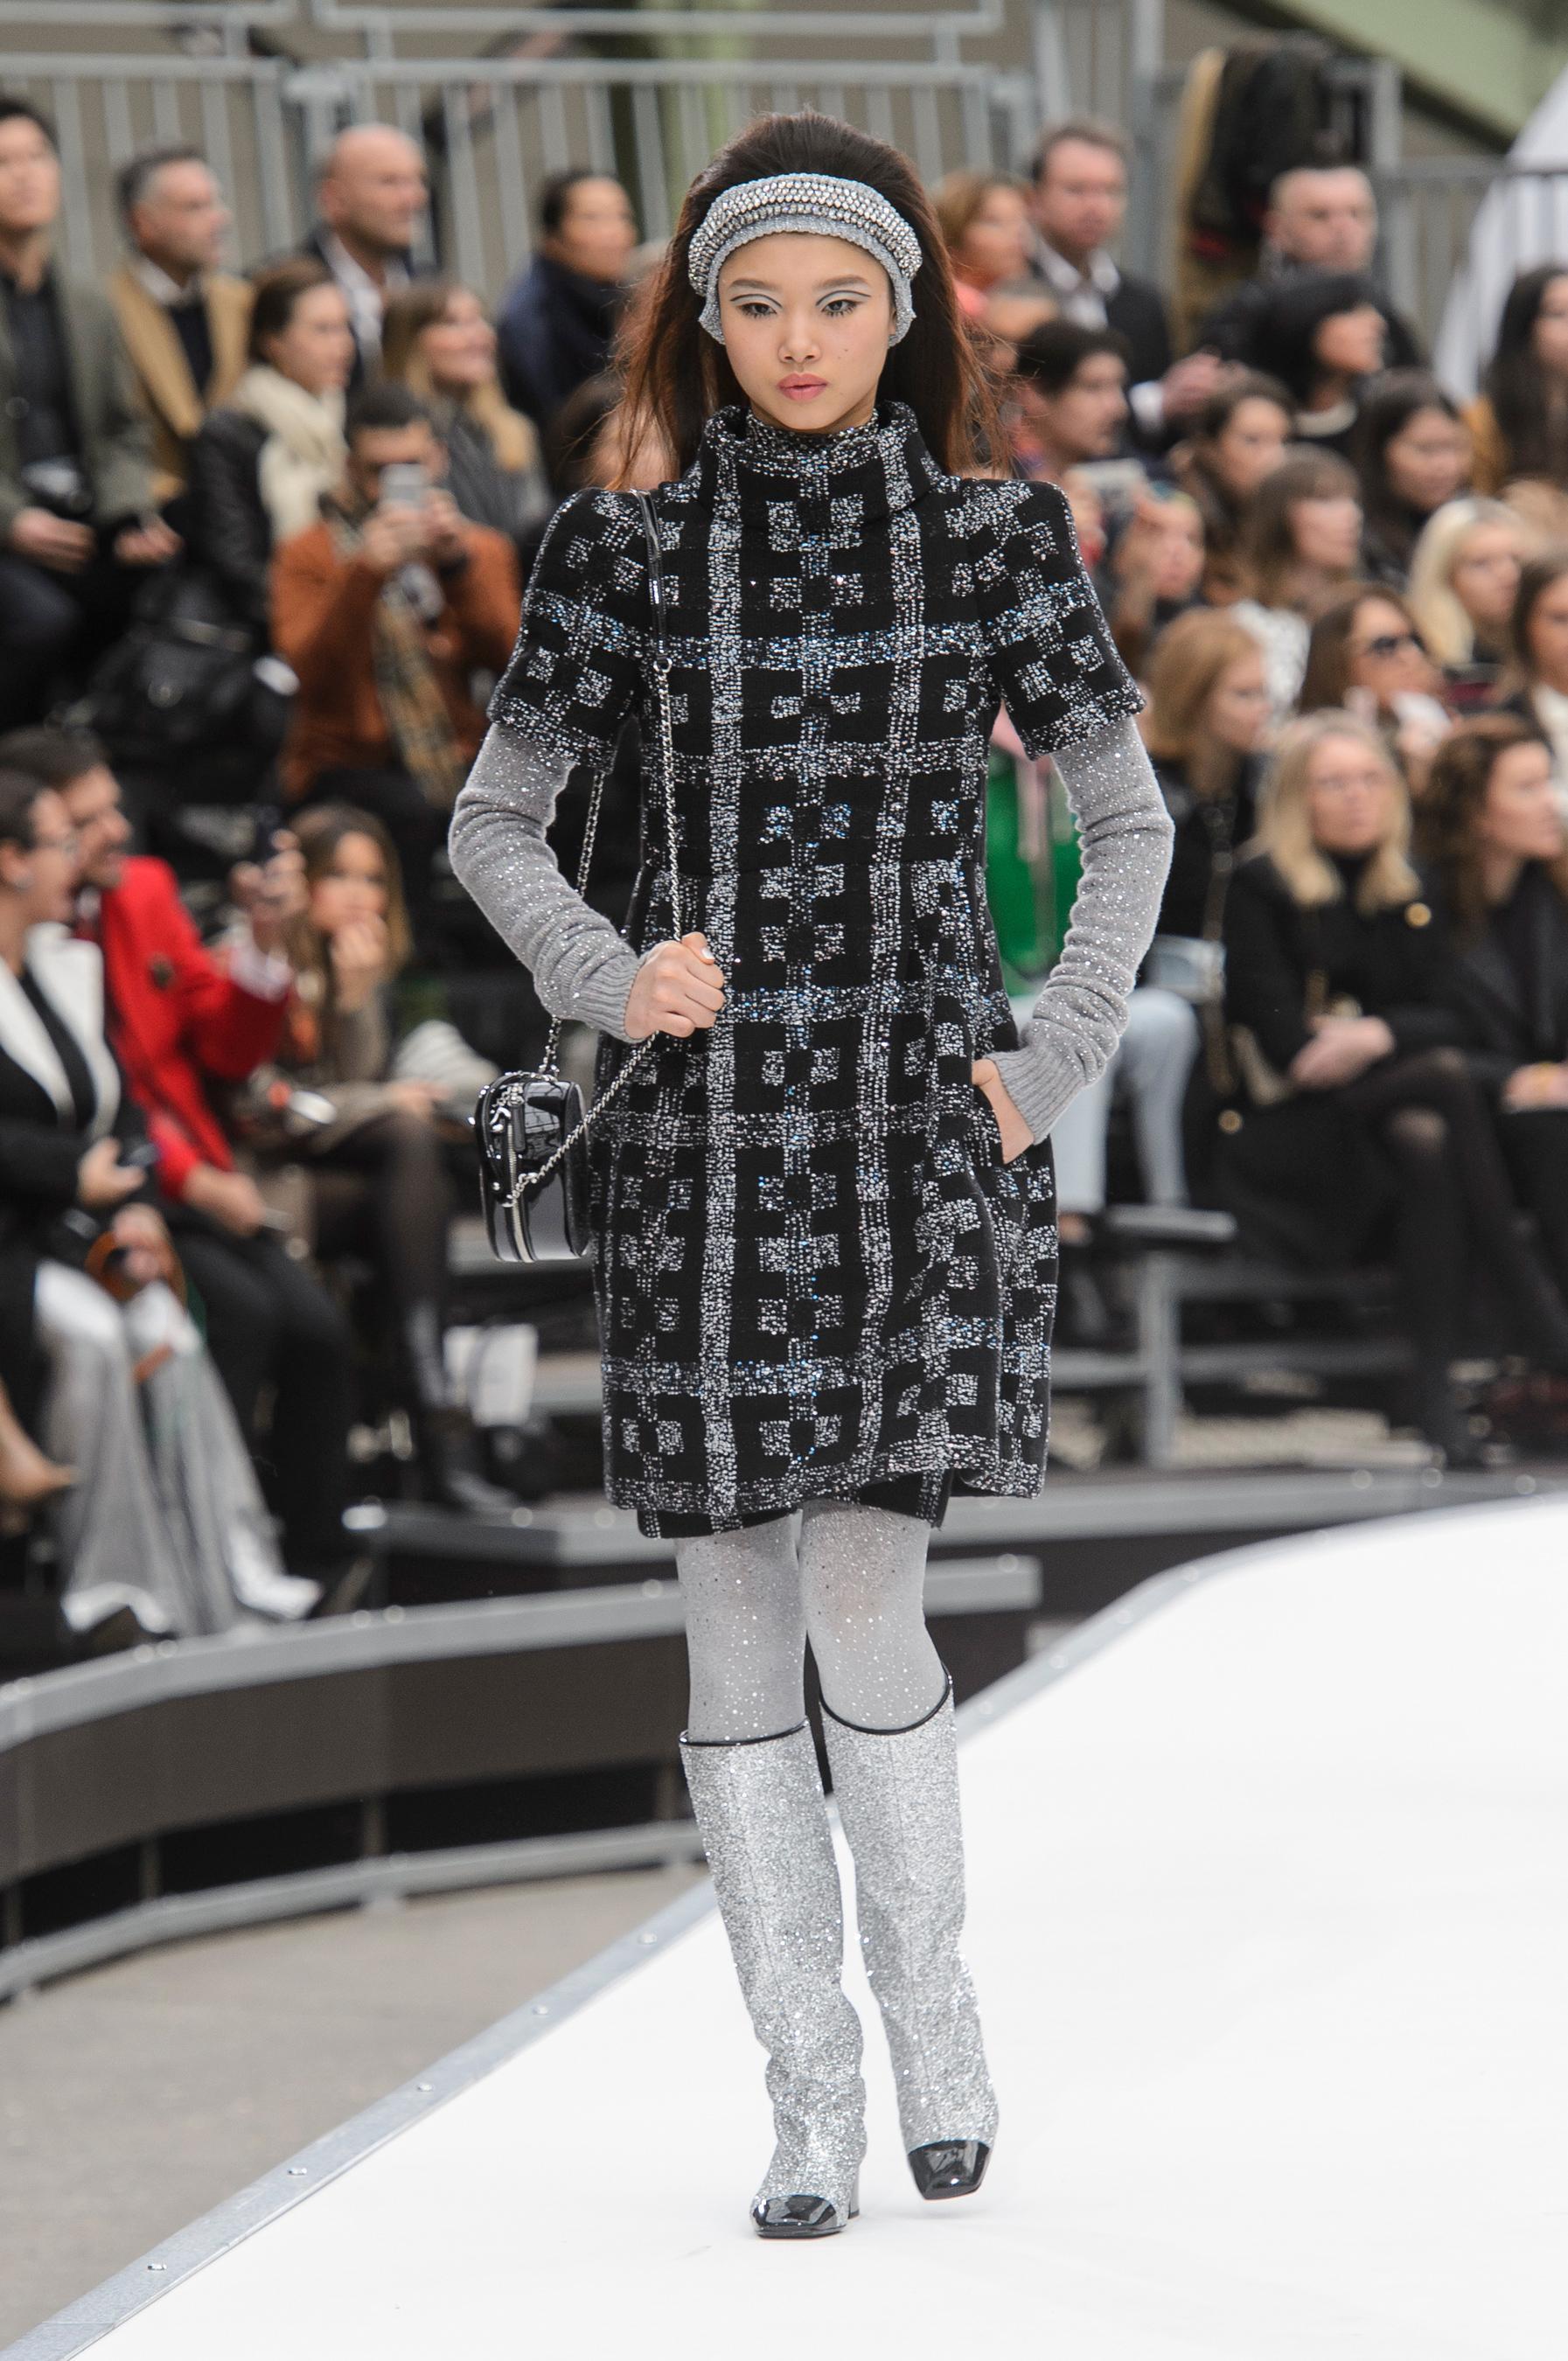 Défilé Chanel Automne-hiver 2017-2018 Prêt-à-porter - Madame Figaro ec079550dae